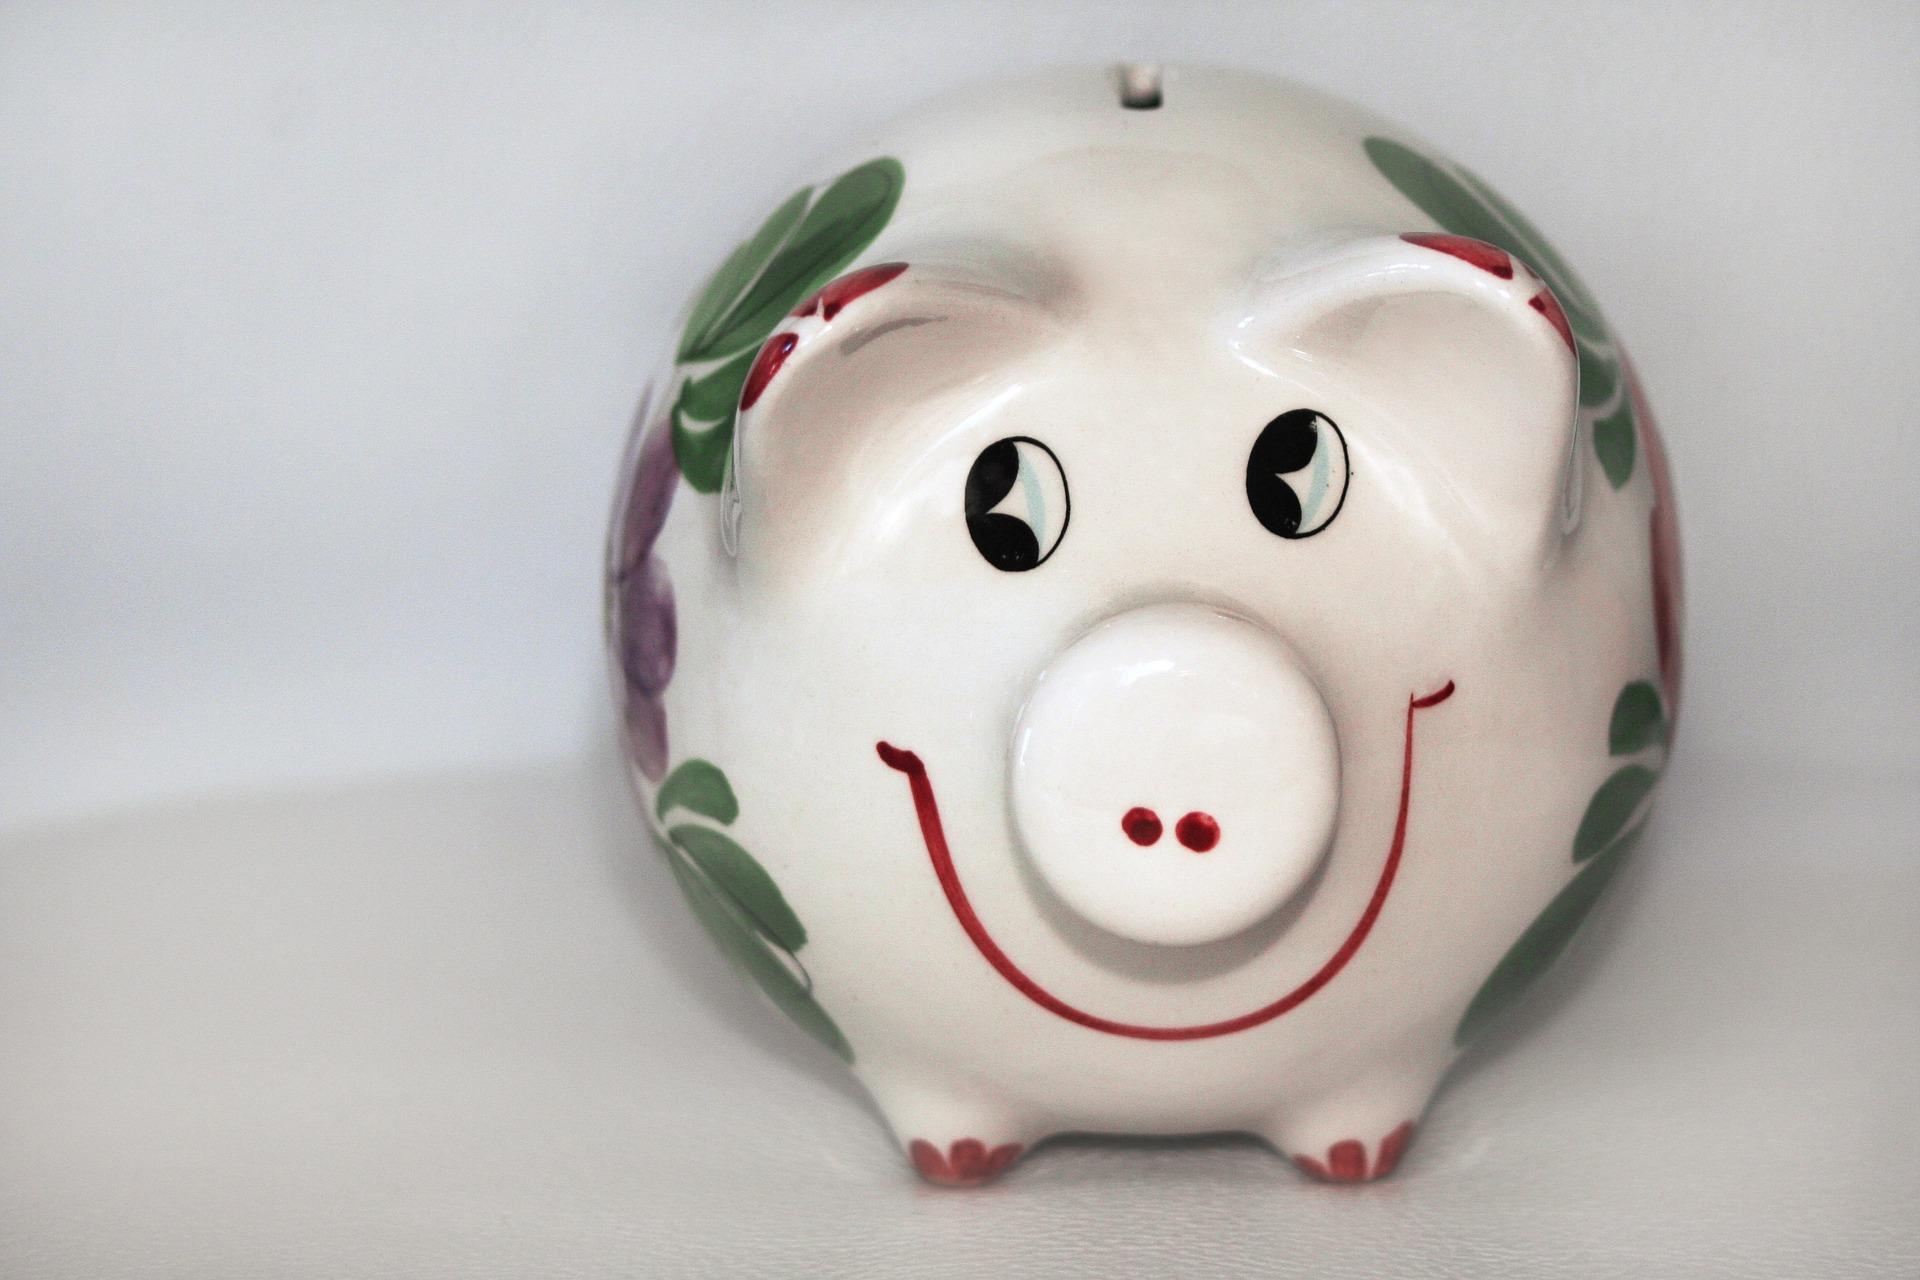 piggy-bank-967182_1920